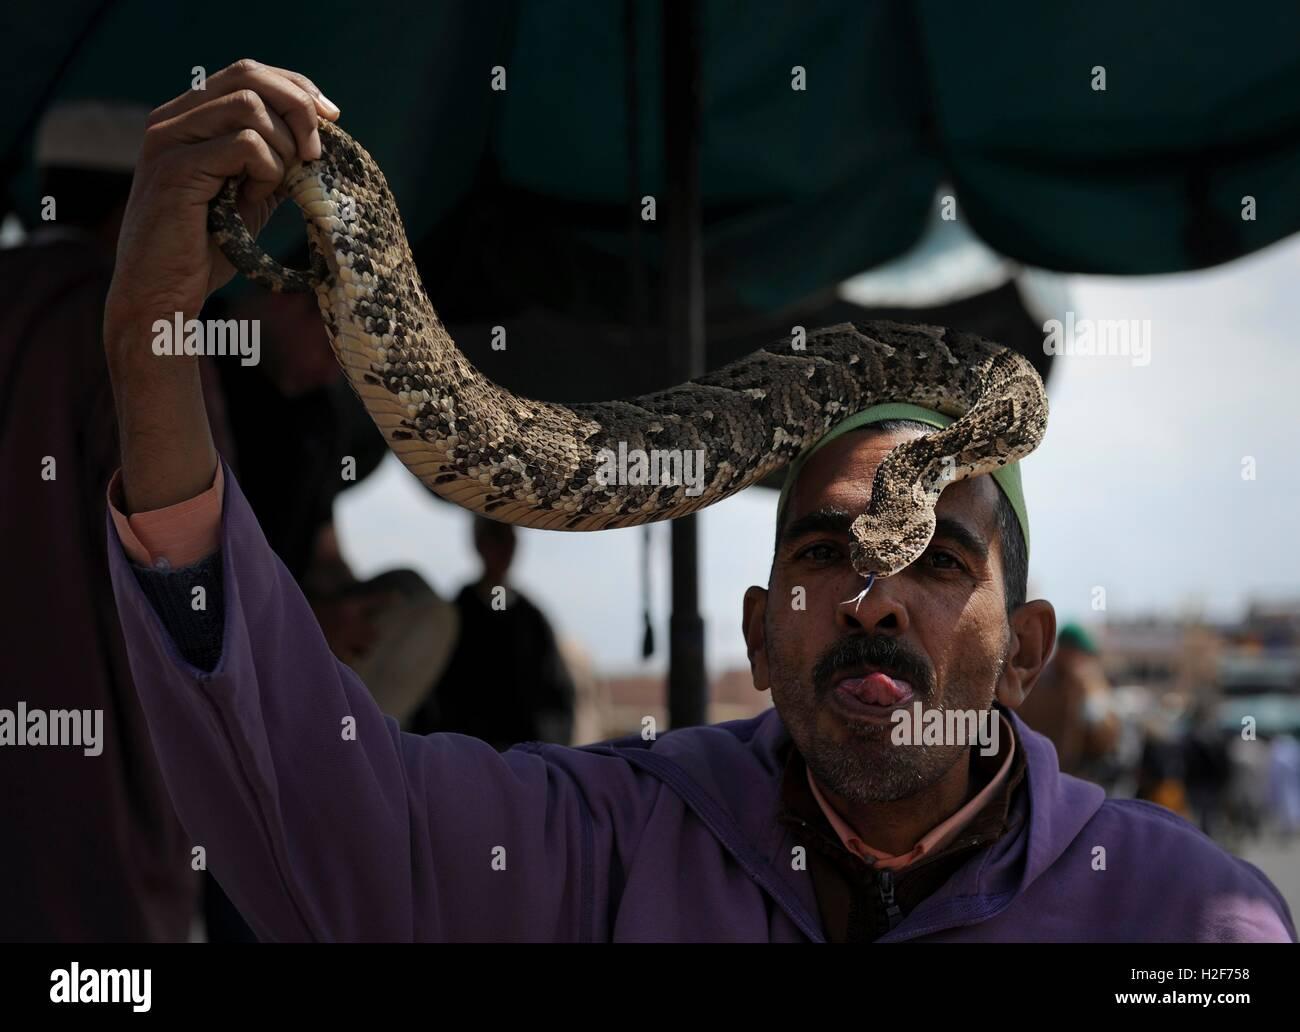 Un domador de serpientes marroquí besa a una serpiente en la plaza del mercado de Jemaa el Fna, 3 de abril Imagen De Stock